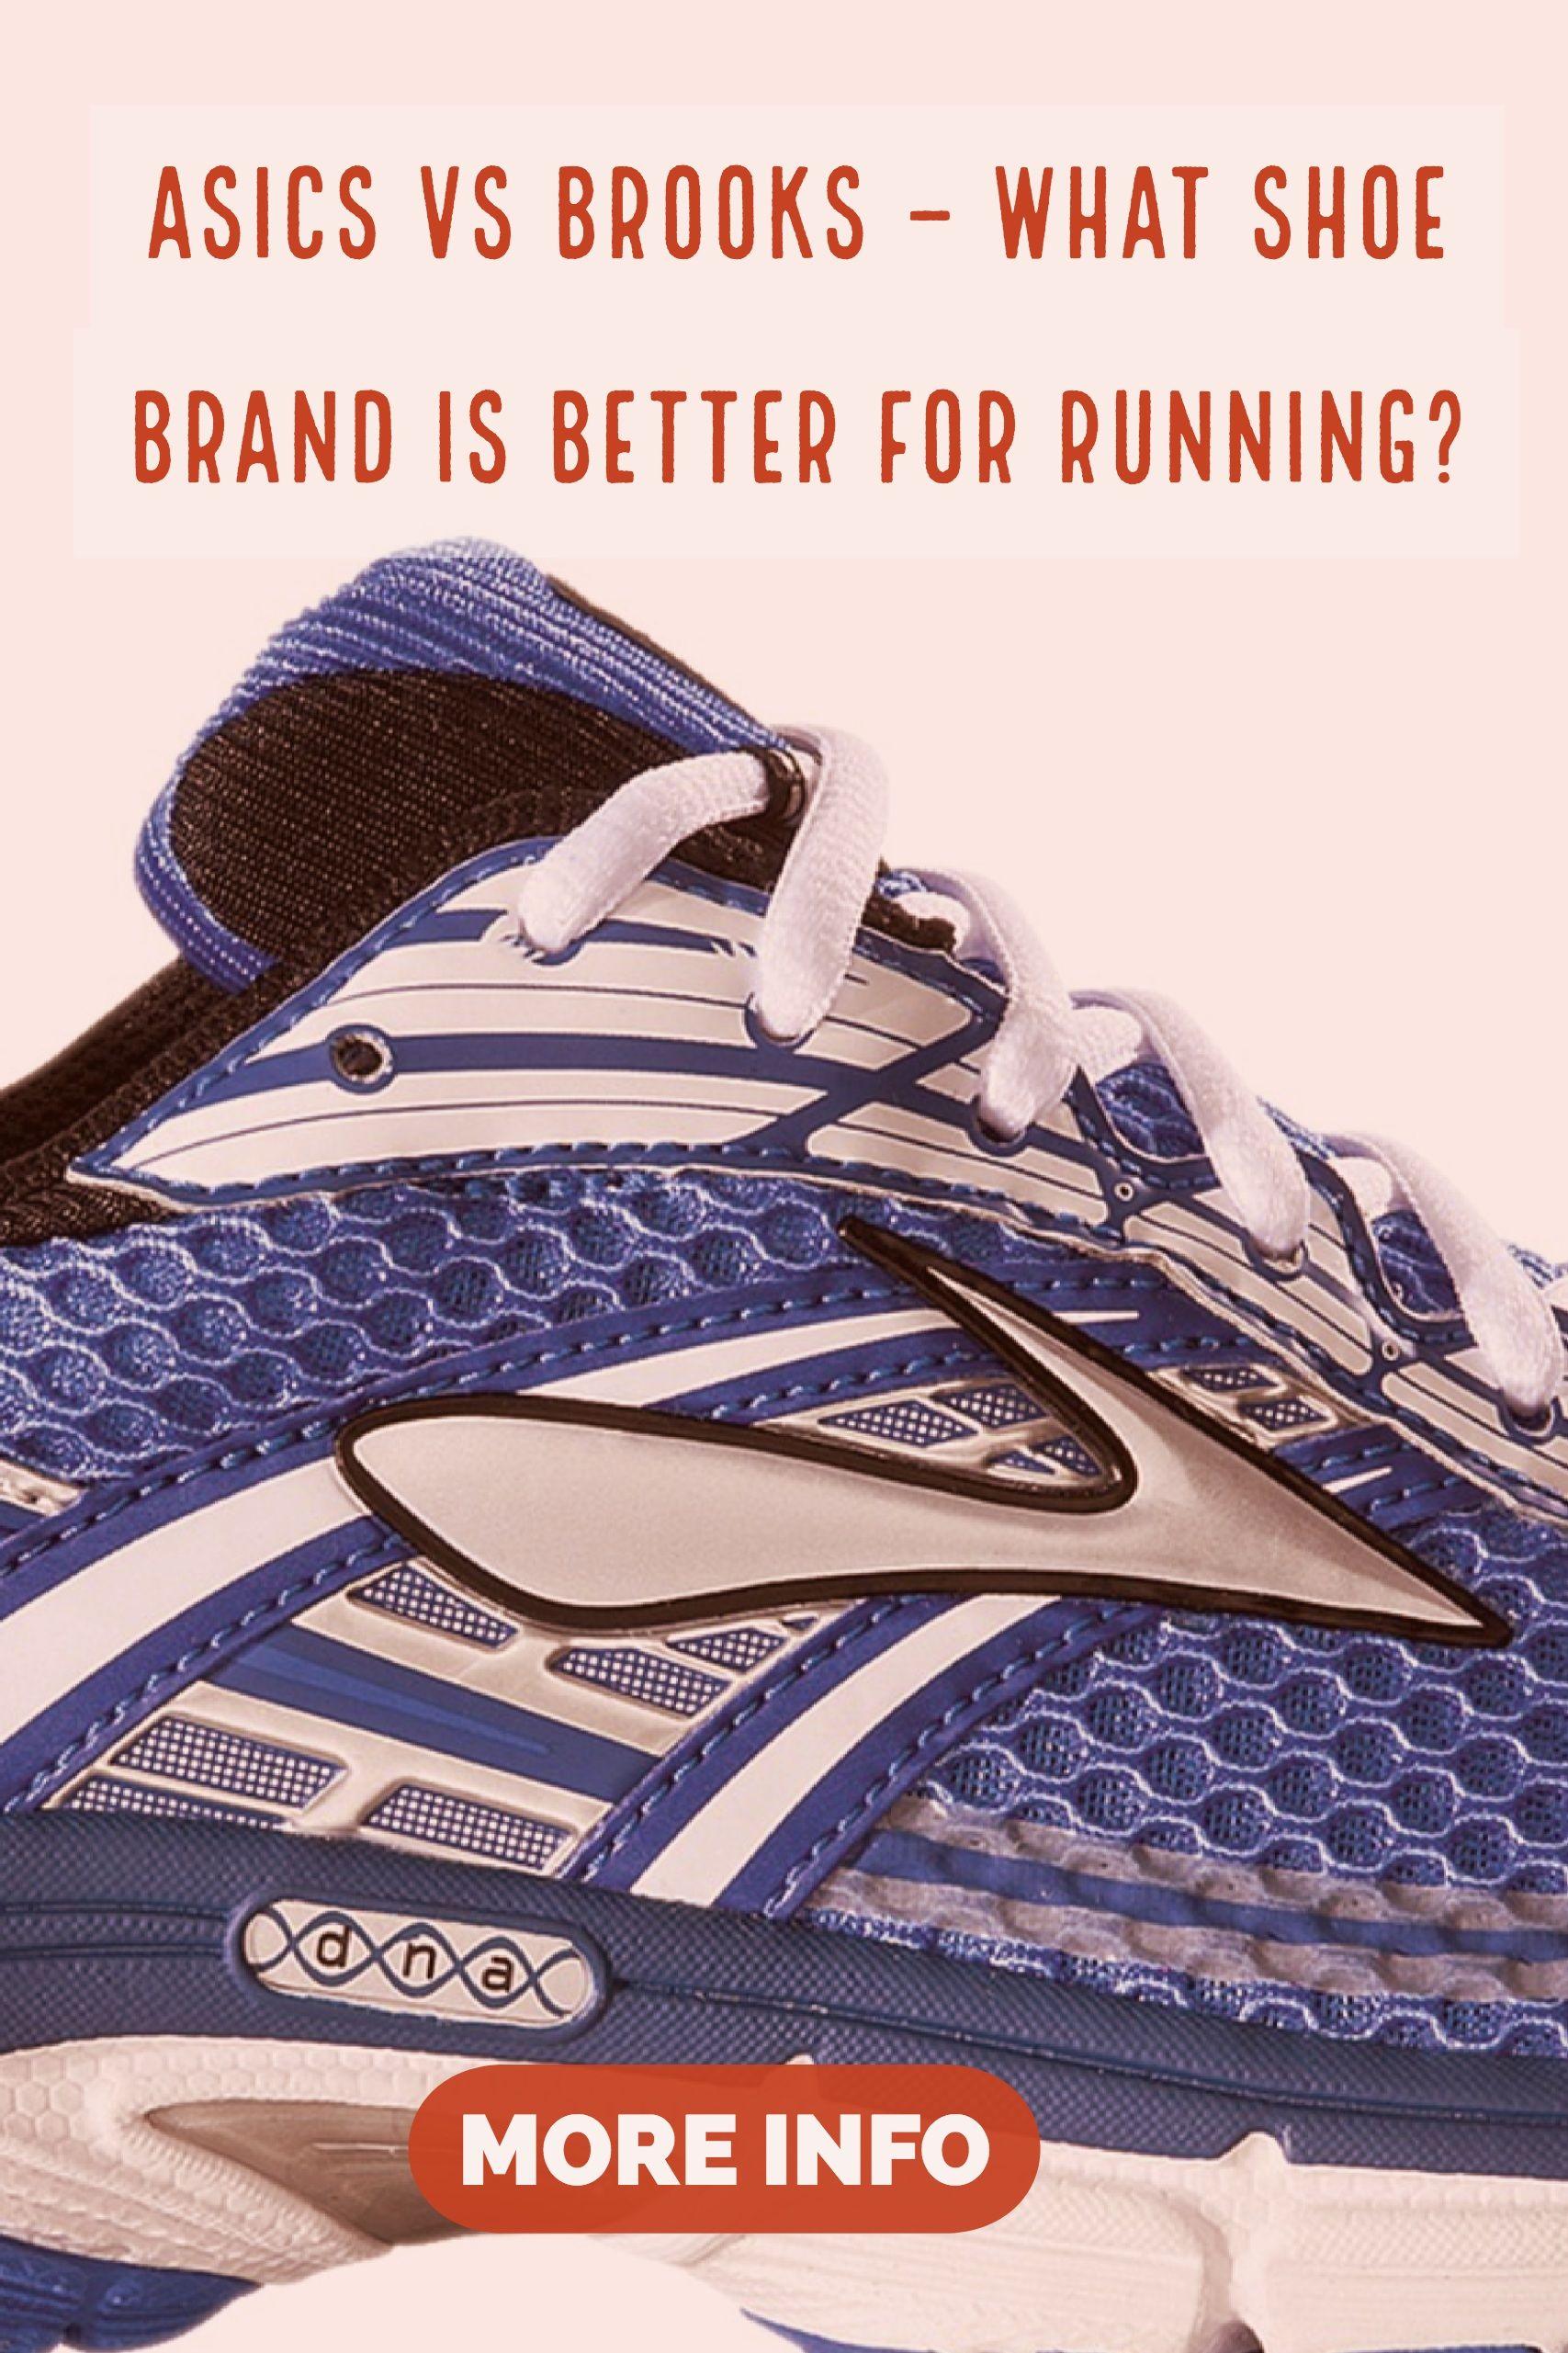 Asics Vs Brooks What Shoe is Better for Running